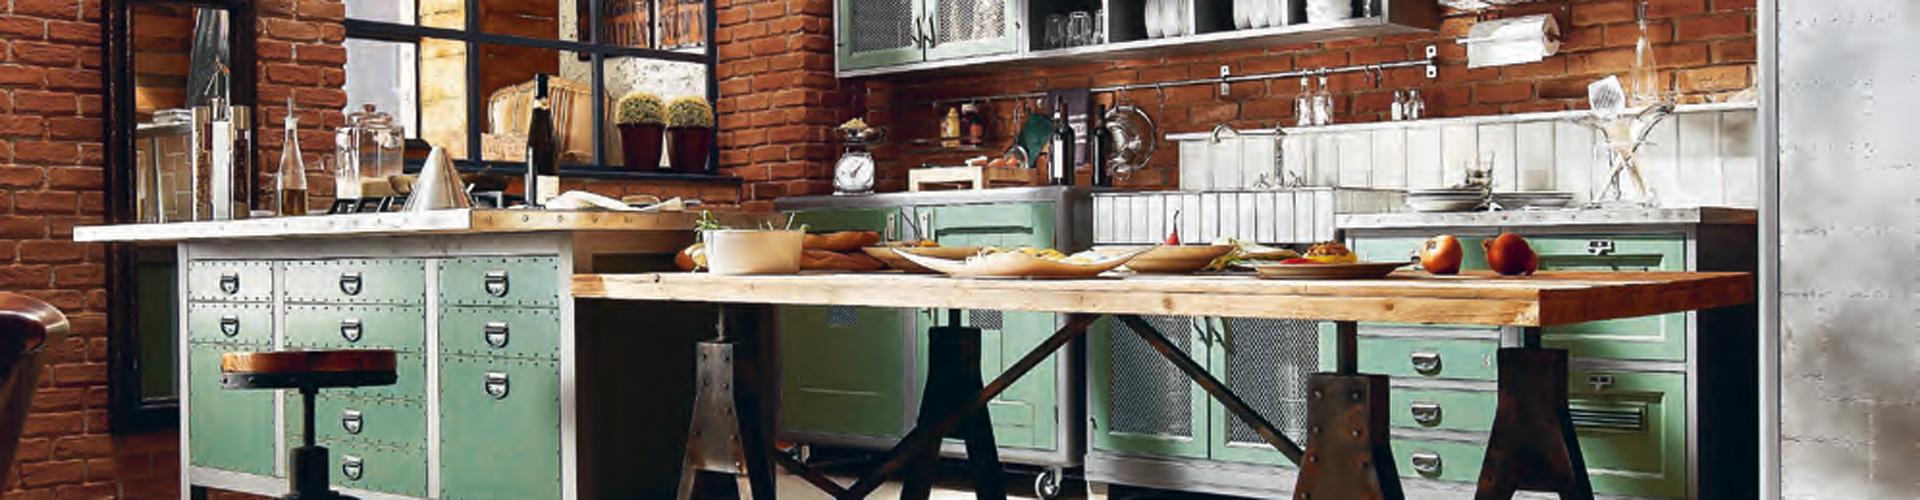 Edle Küchen Landhausküchen und Herde Rosenheim das